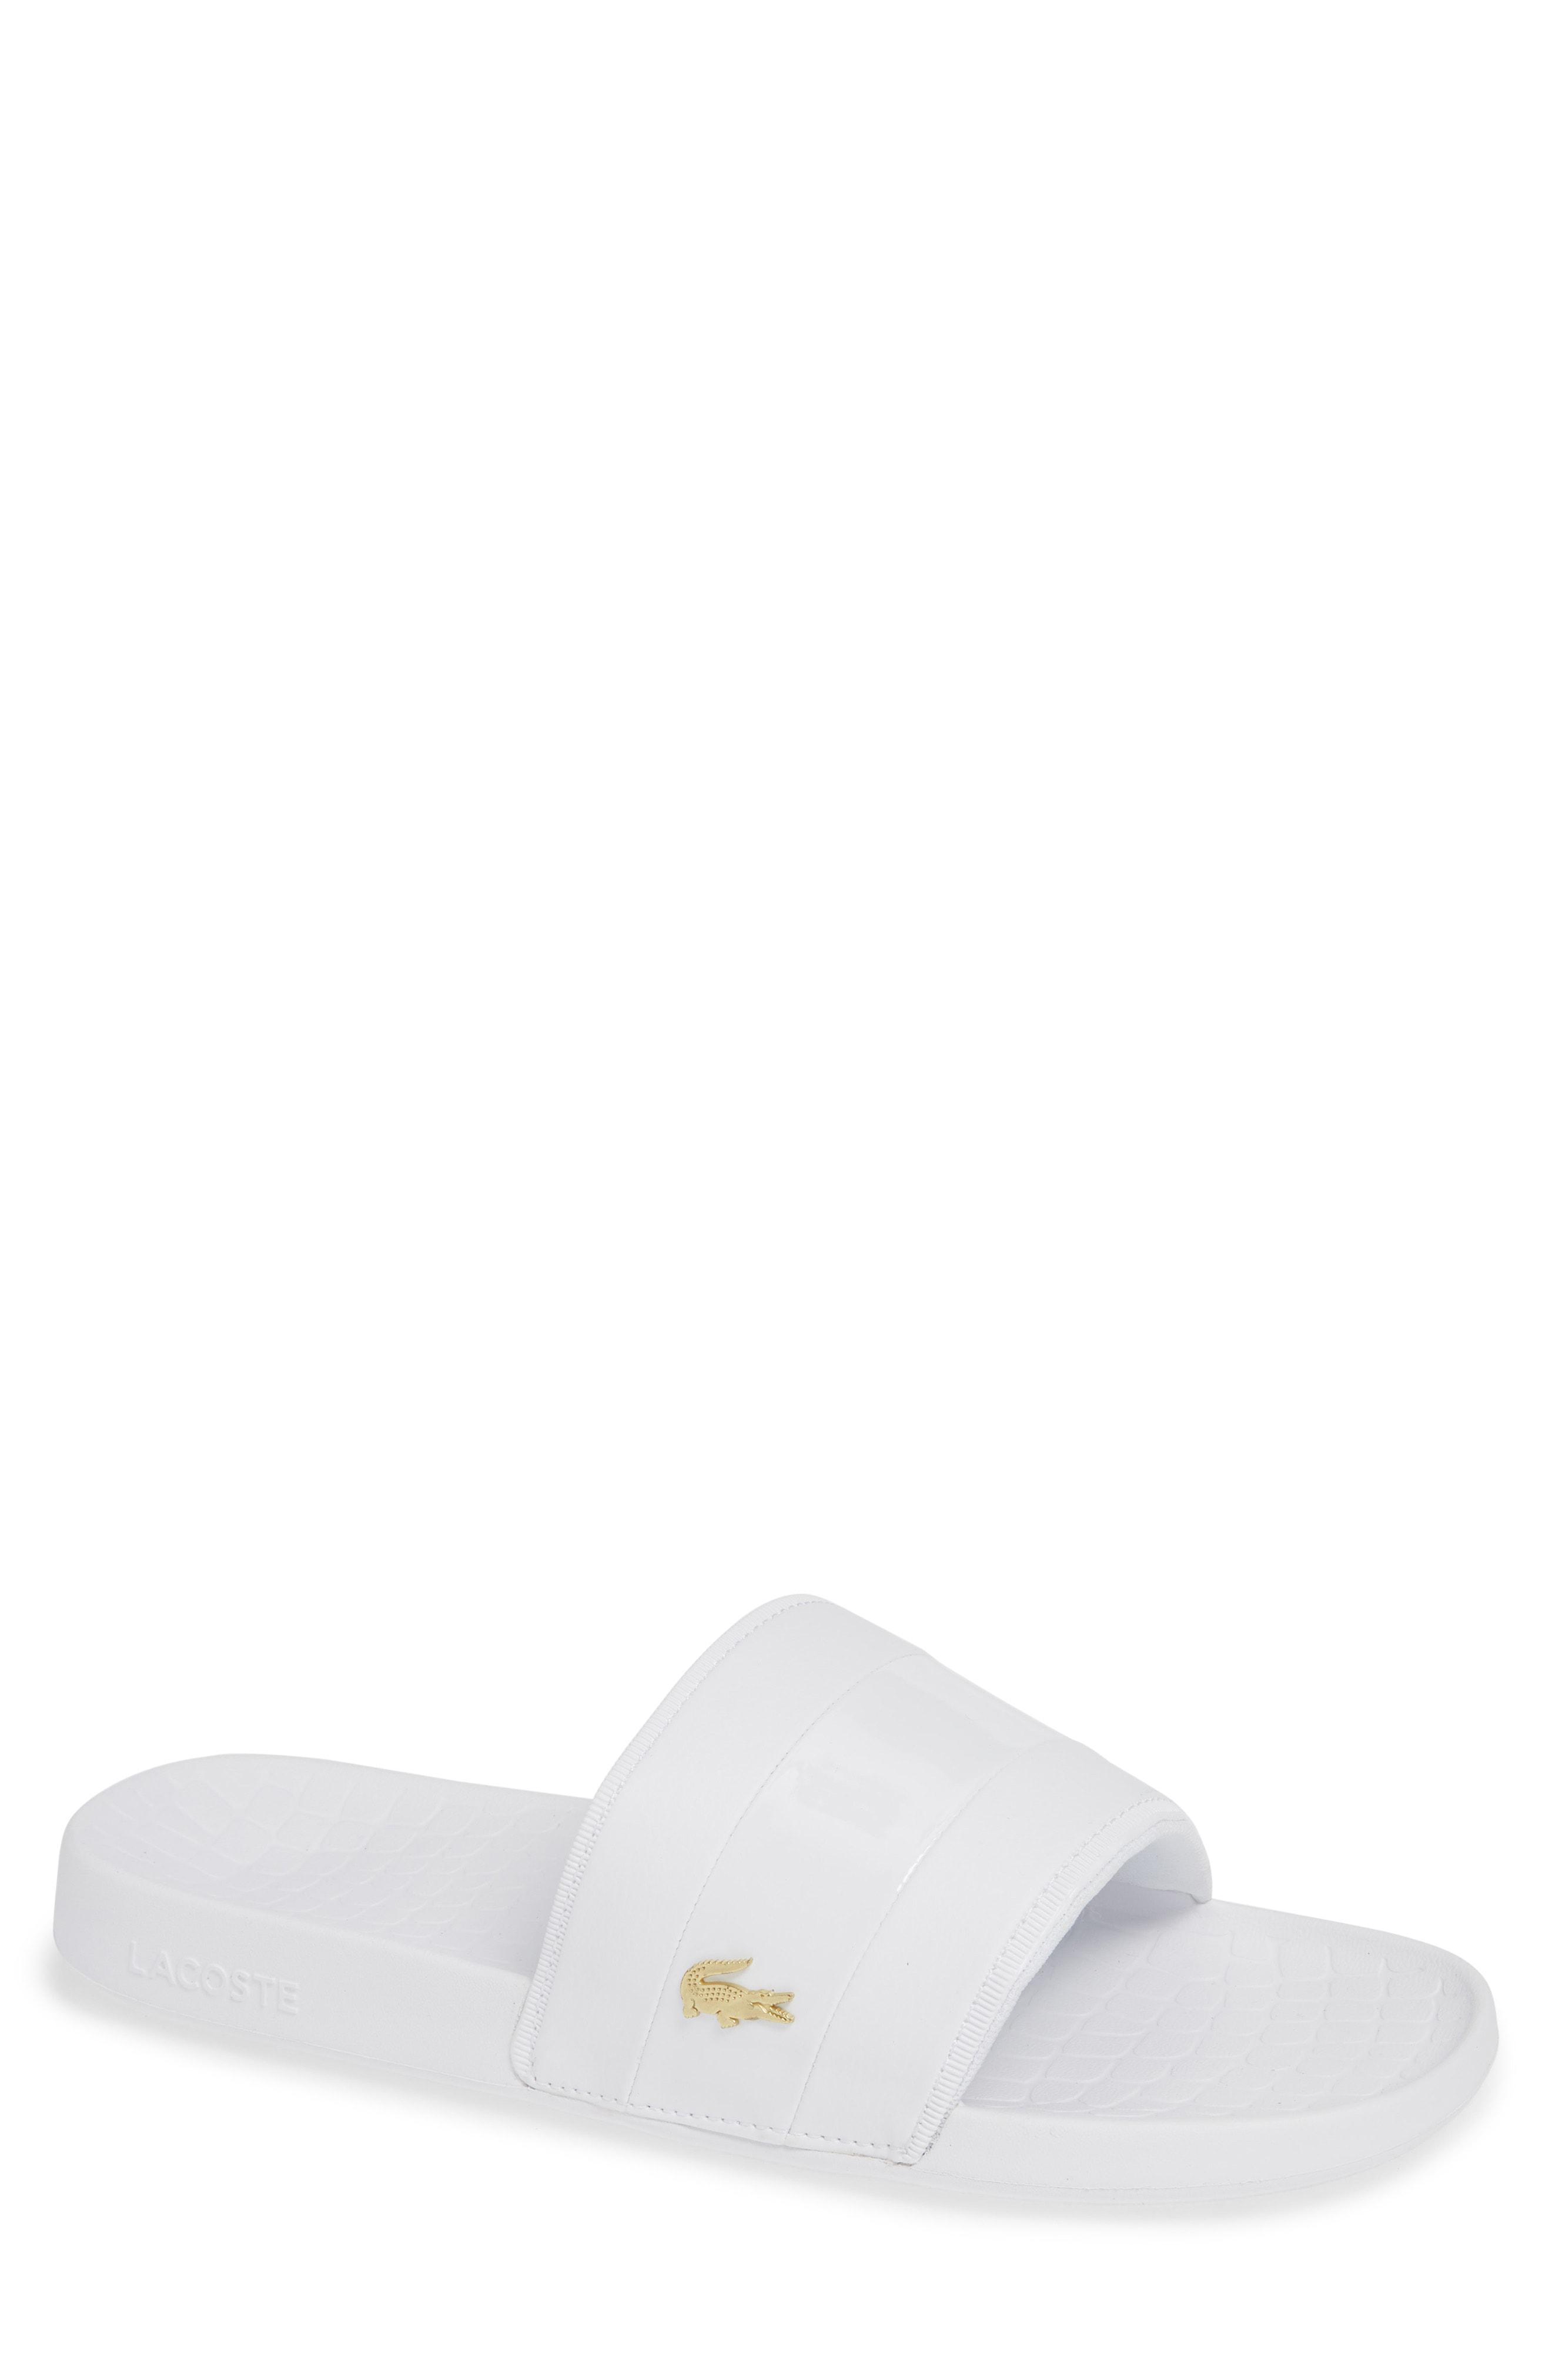 66f530b5f080c Lyst - Lacoste Fraisier 118 Slide Sandal in Black for Men - Save 36%